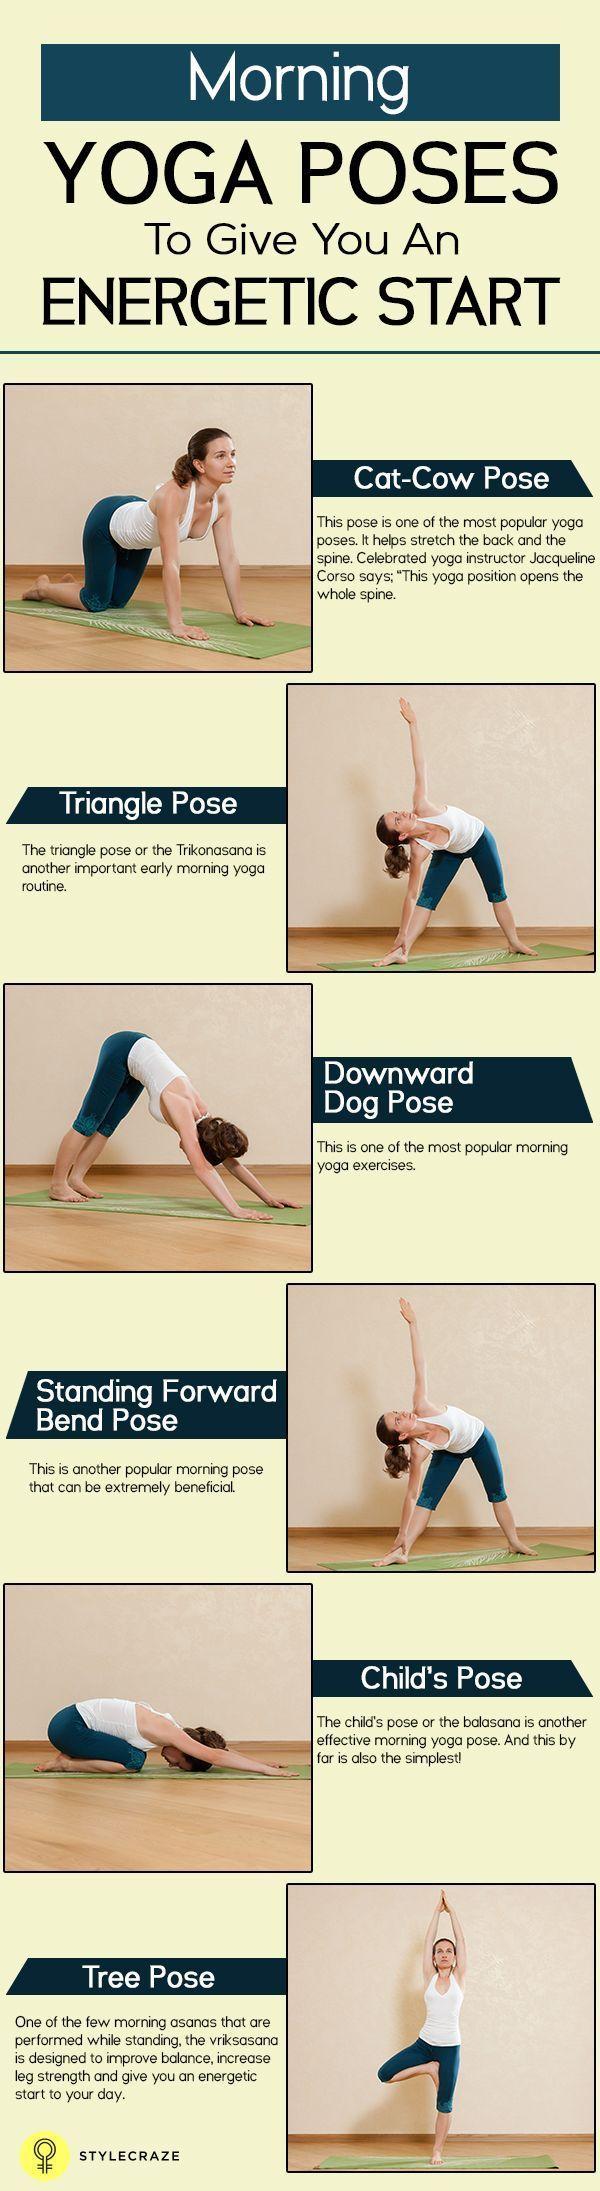 Exercice Du Yoga  :     Le yoga est l'une des meilleures façons de garder le corps en forme, l'esprit détendu et énergique. La réalisation d'exercices yogiques ne vous aidera pas seulement à obtenir une activité physique si nécessaire, mais vous aidera également à créer un début... - #Yoga https://virtualfitness.be/exercice/yoga/exercice-du-yoga-le-yoga-est-lune-des-meilleures-facons-de-garder-le-corps-en-forme-lesprit-detendu-et-energetique-2/